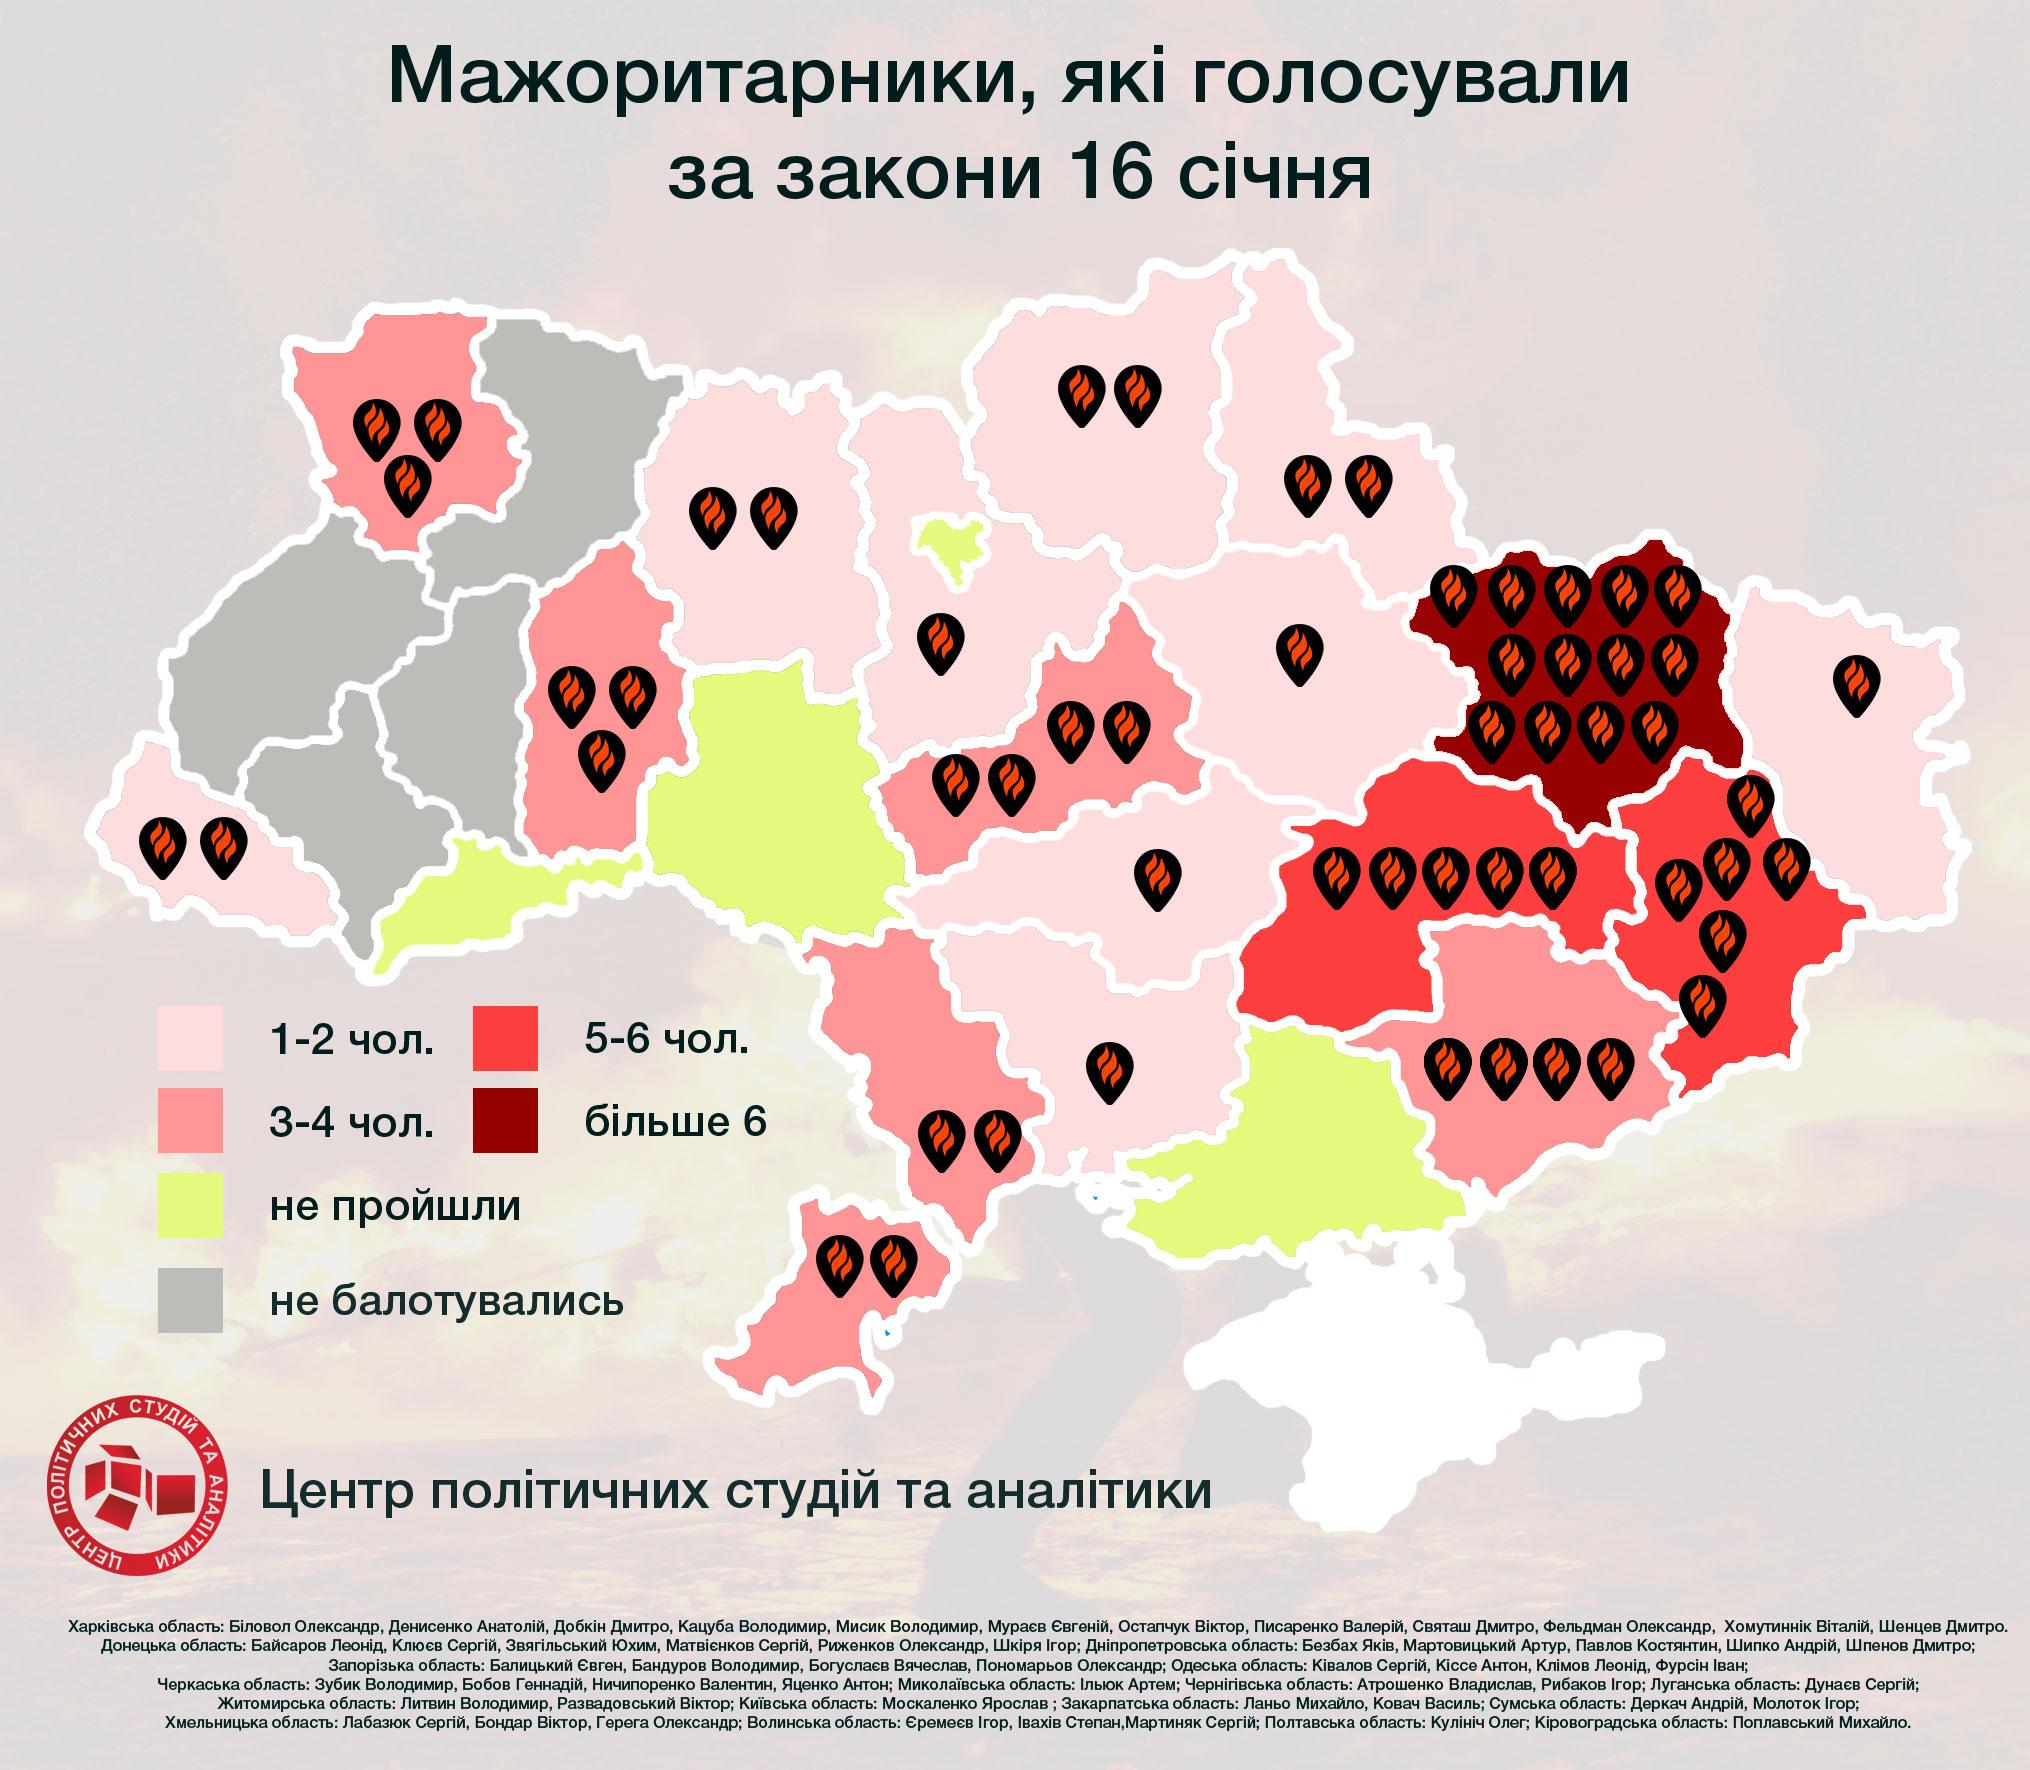 В Раду снова проходят 62 депутата, поддержавшие законы 16 января